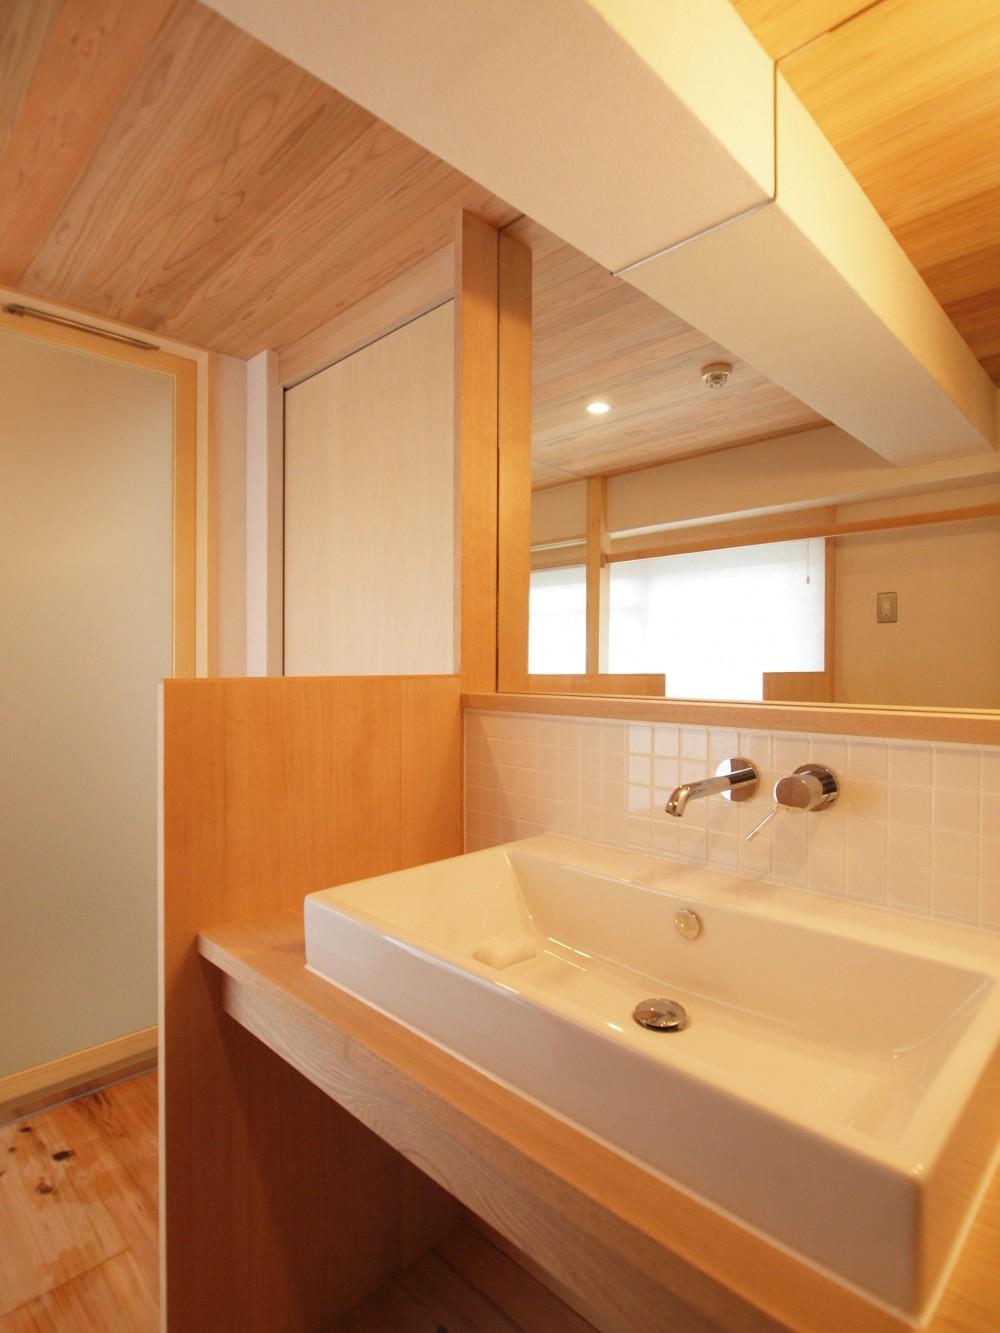 窓際造作ベンチと多様性のある小リビングを持つ住まい (陽射しの入る明るく清潔感のある水回り)